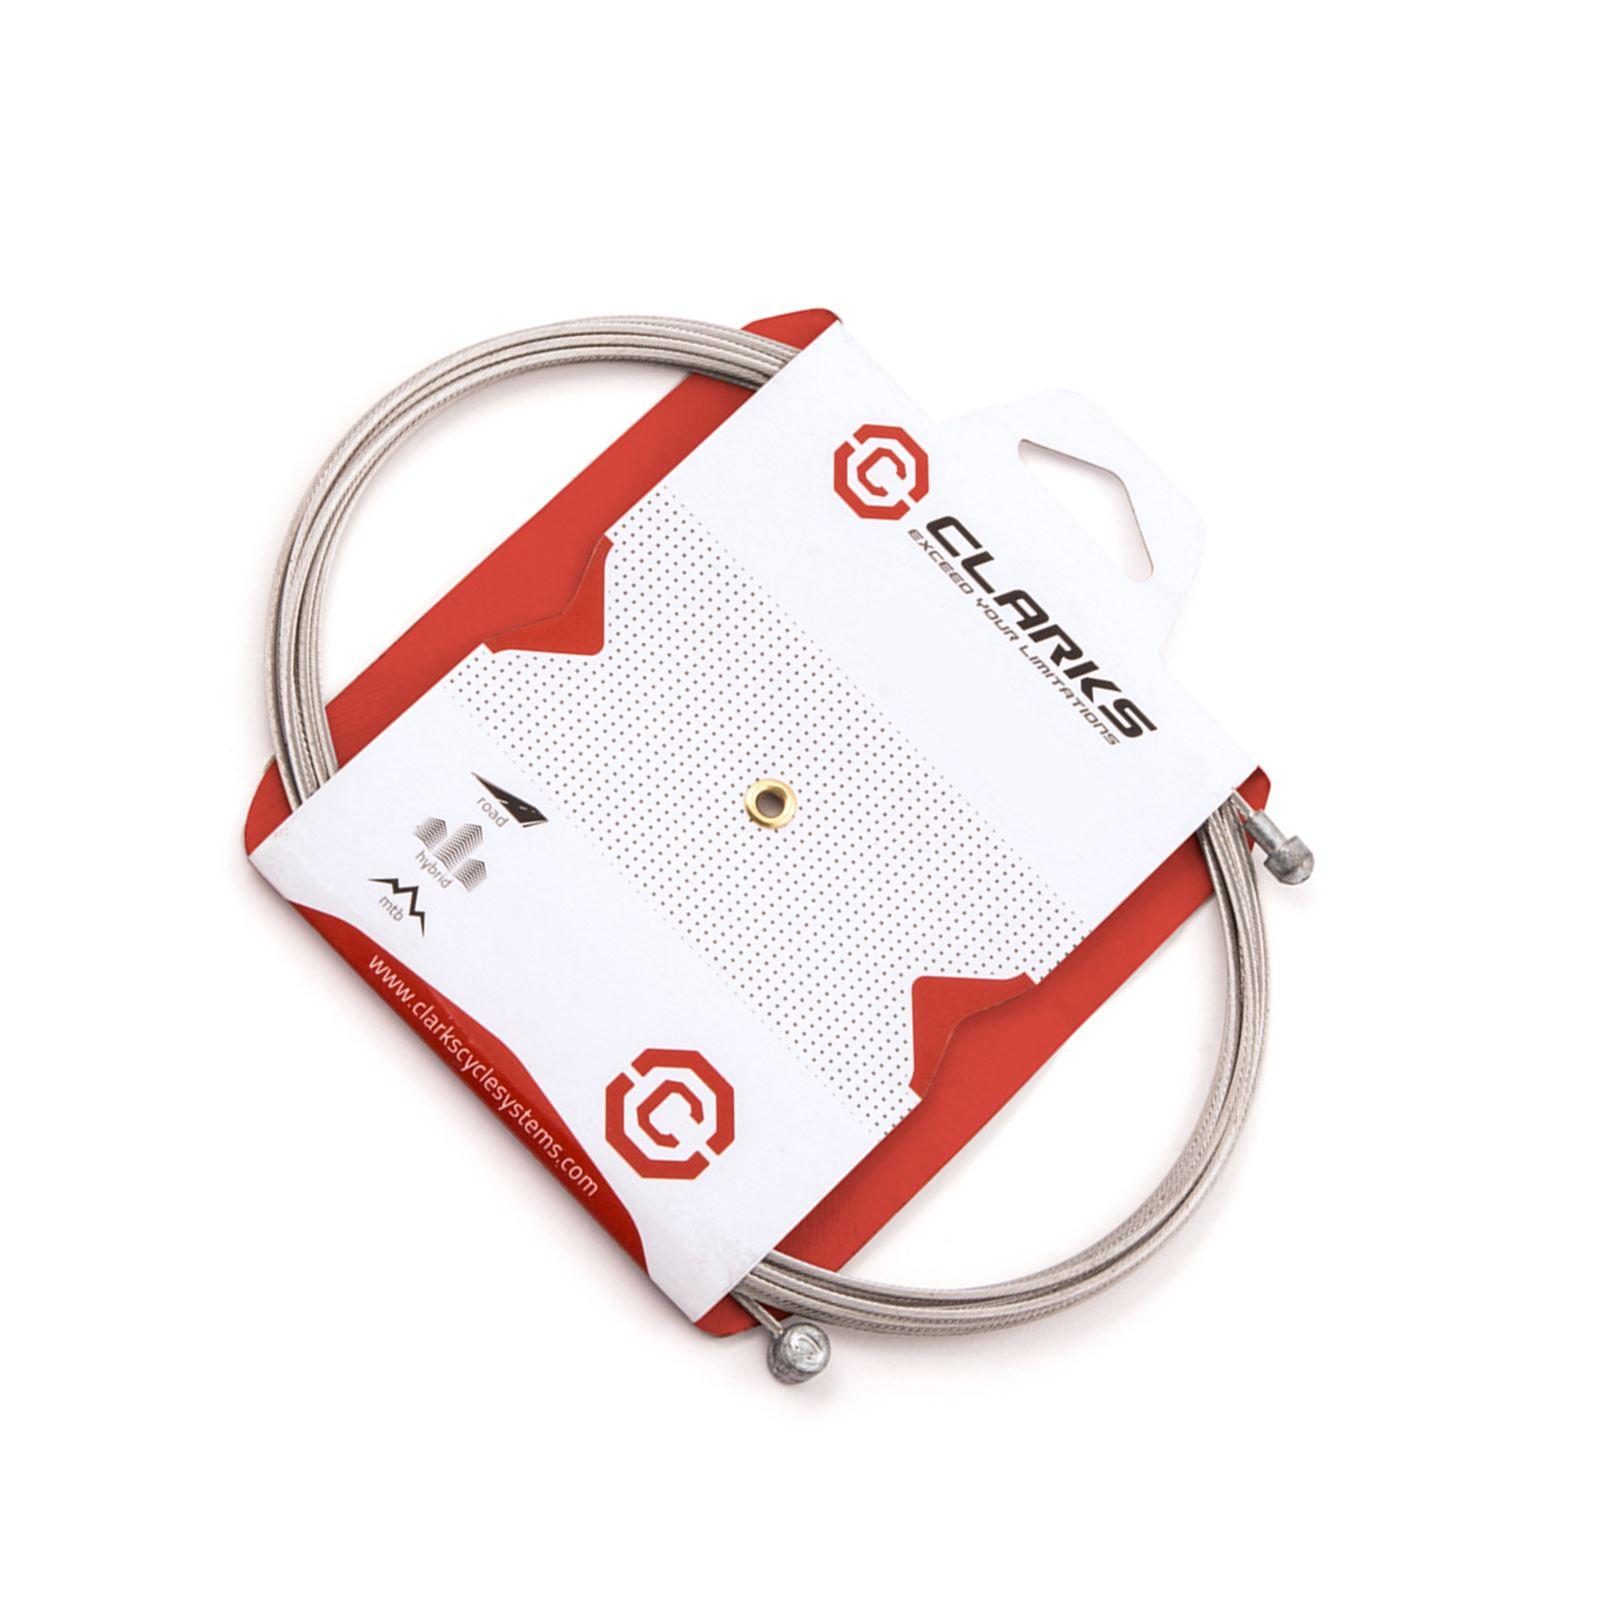 BS025 ROY CHAMPION TELO PANCA SMALL LOGO 8056426307621 TG.UN.